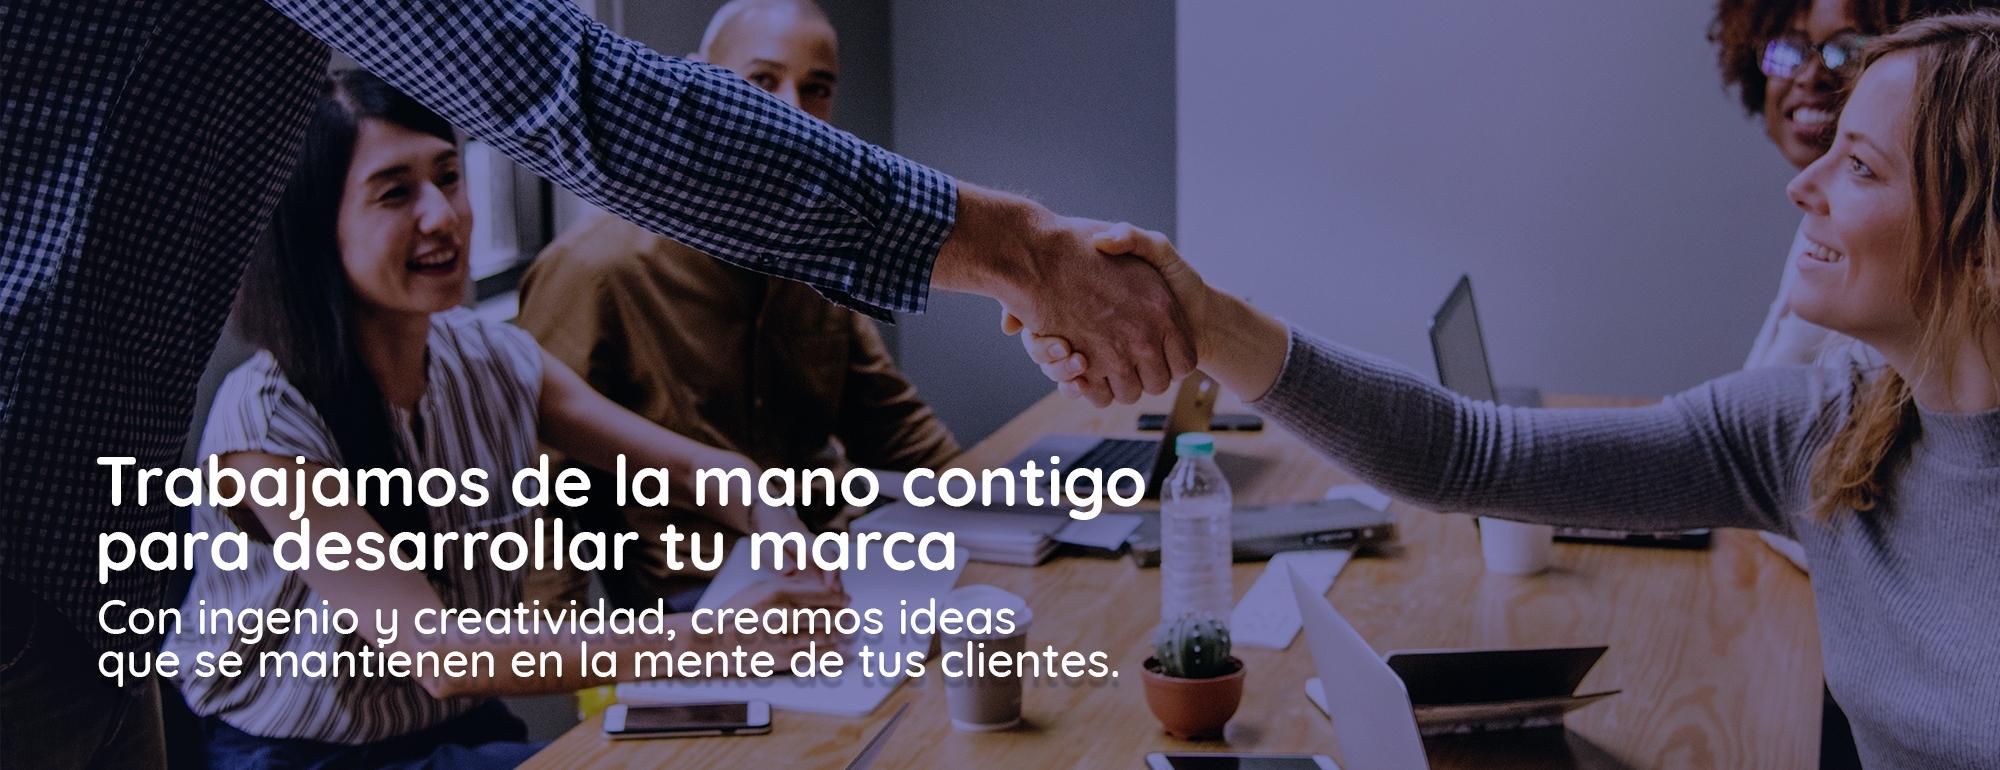 Nuestros Clientes - Grupo Creativo Macondo